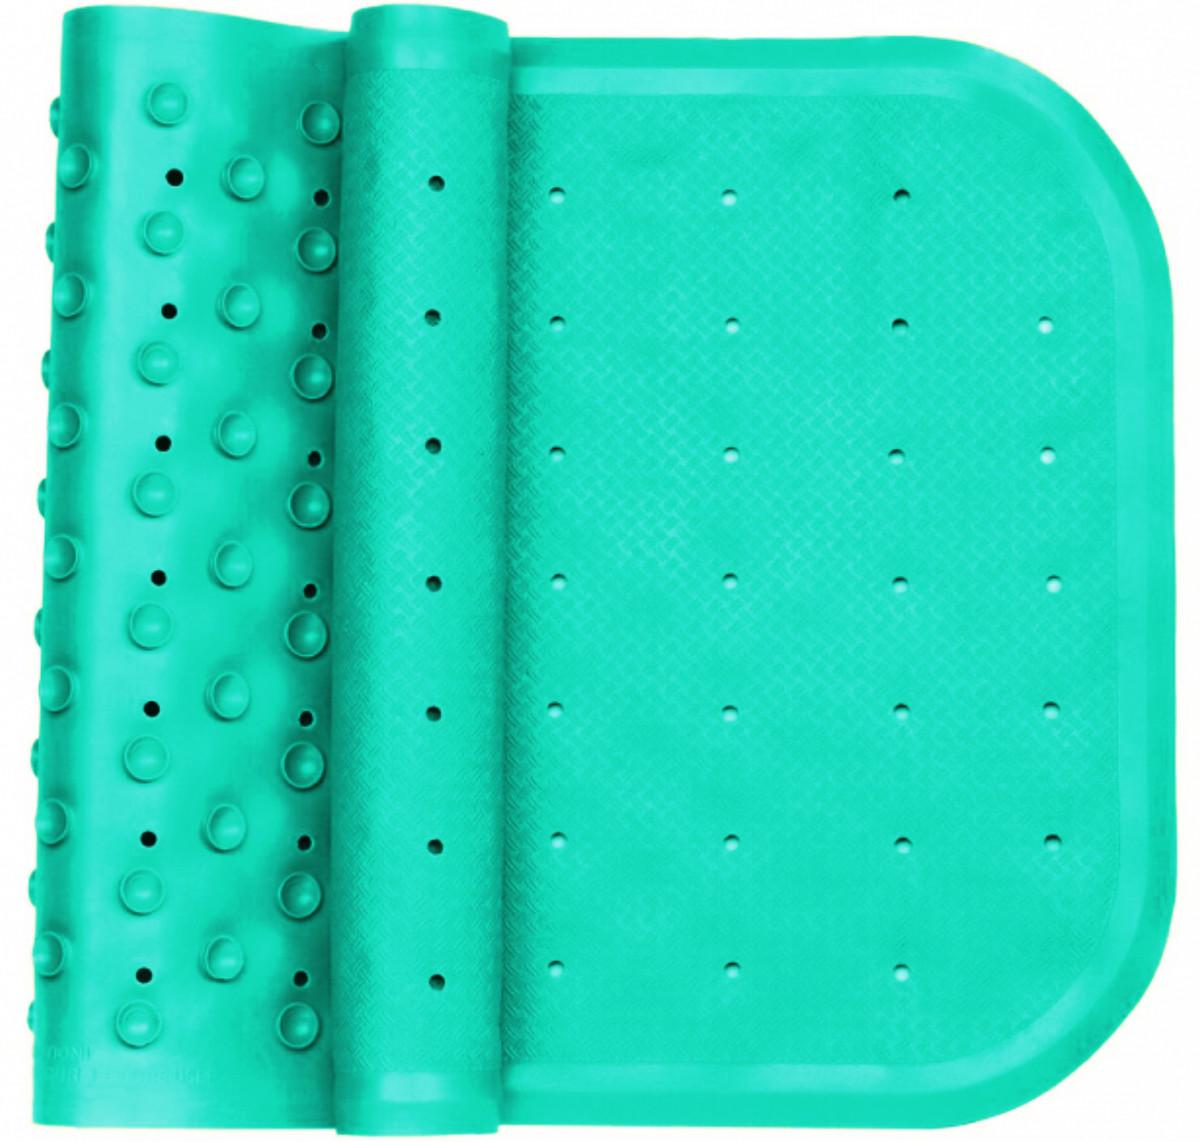 Антискользящий коврик для купания в ванной бирюзовый, KinderenOK (071113_005)